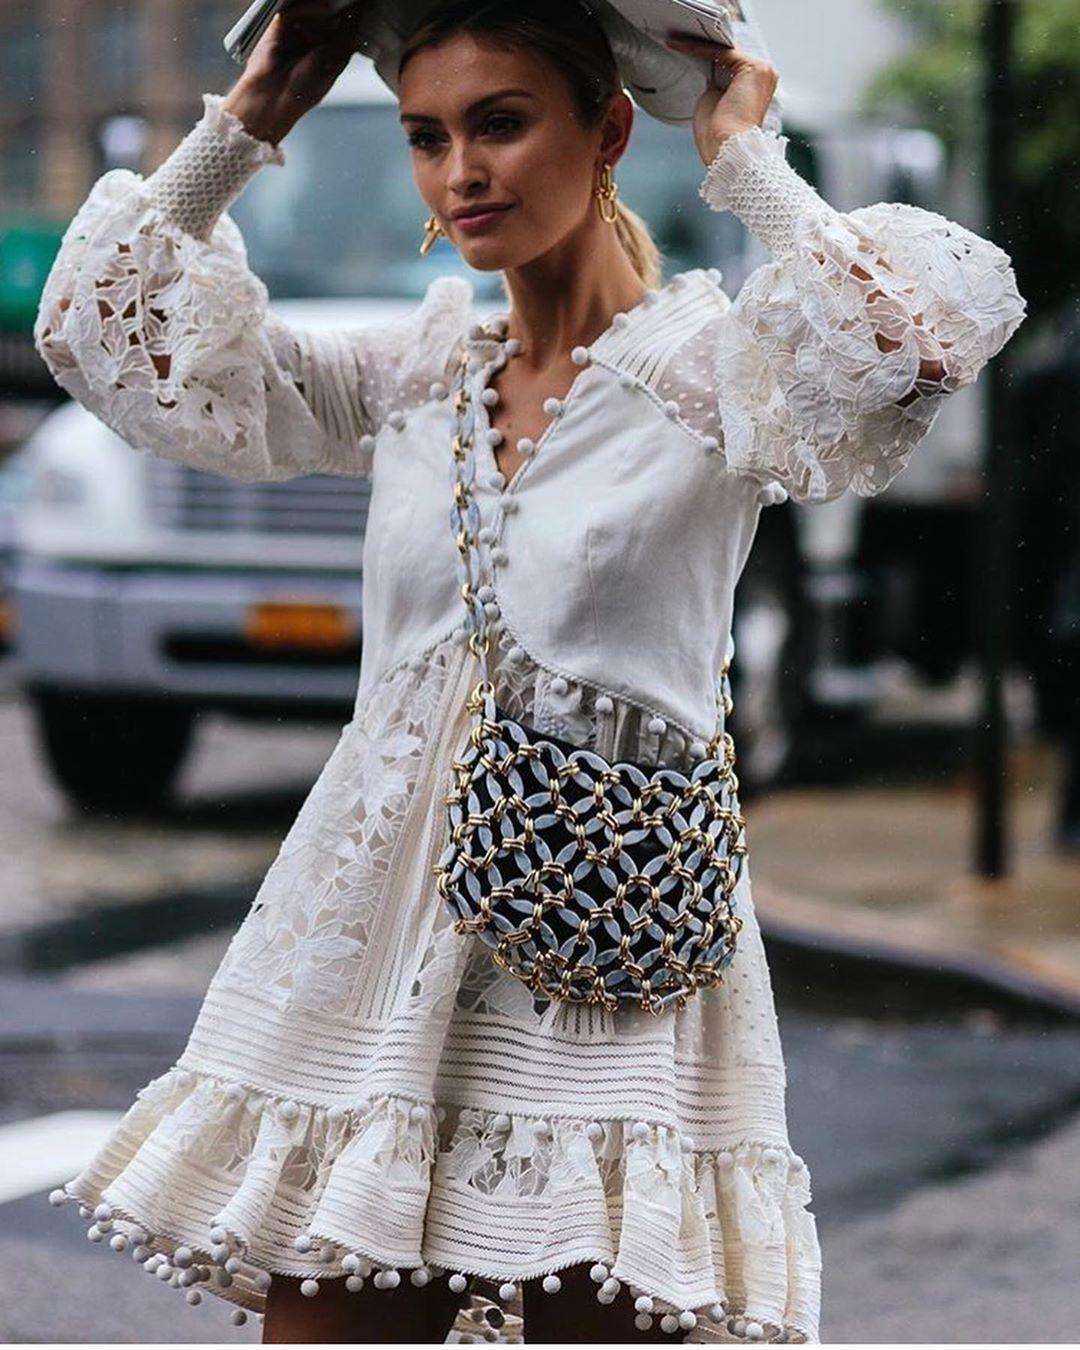 Little White Dress Dress White In 2020 Pretty White Lace Dresses Lace White Dress Summer Dress Outfits